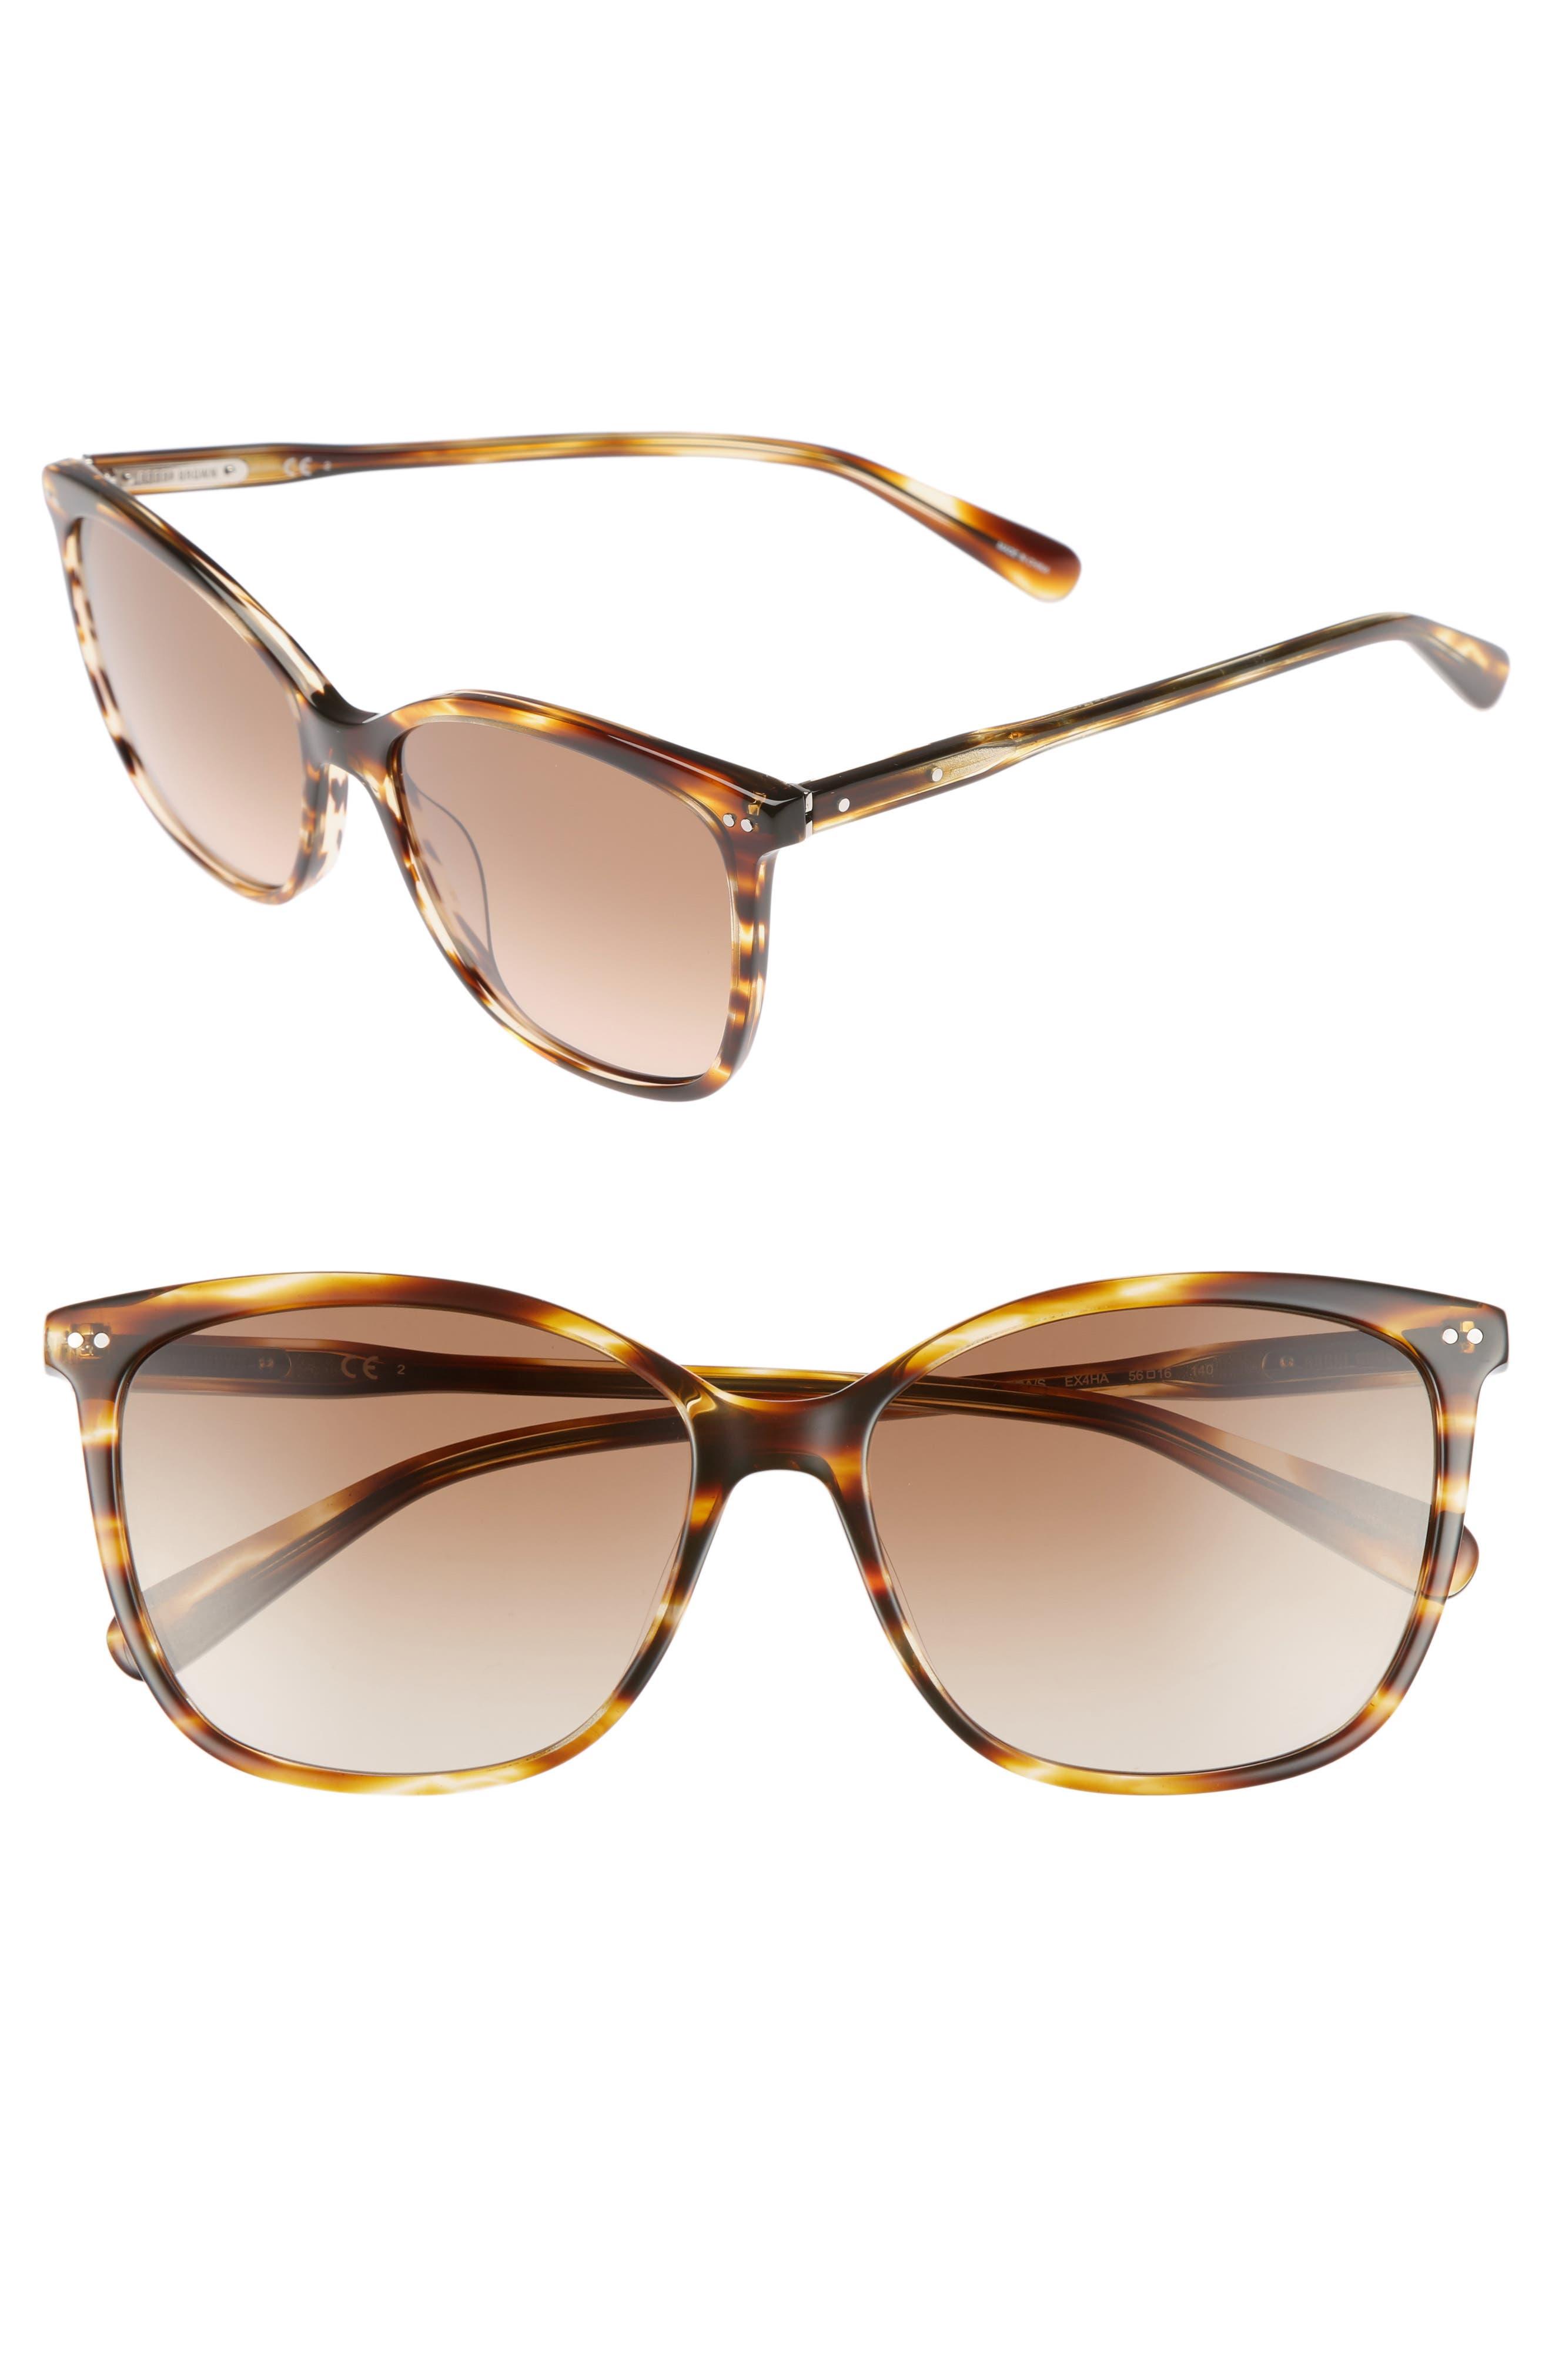 Main Image - Bobbi Brown The Lara 56mm Cat Eye Sunglasses